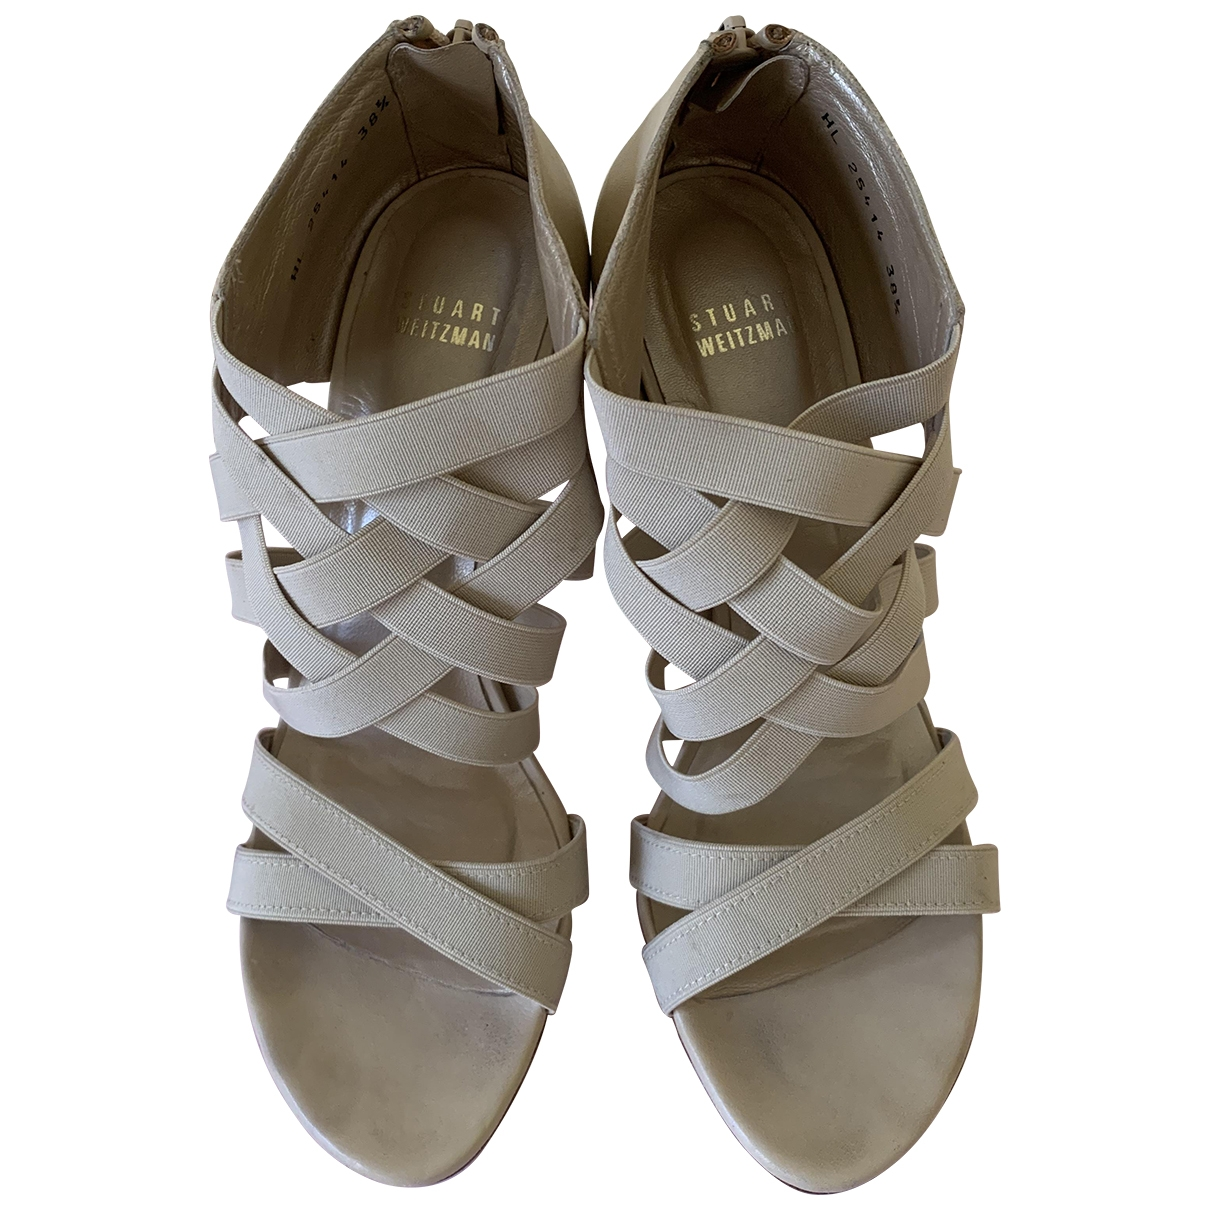 Stuart Weitzman - Sandales   pour femme en cuir - beige